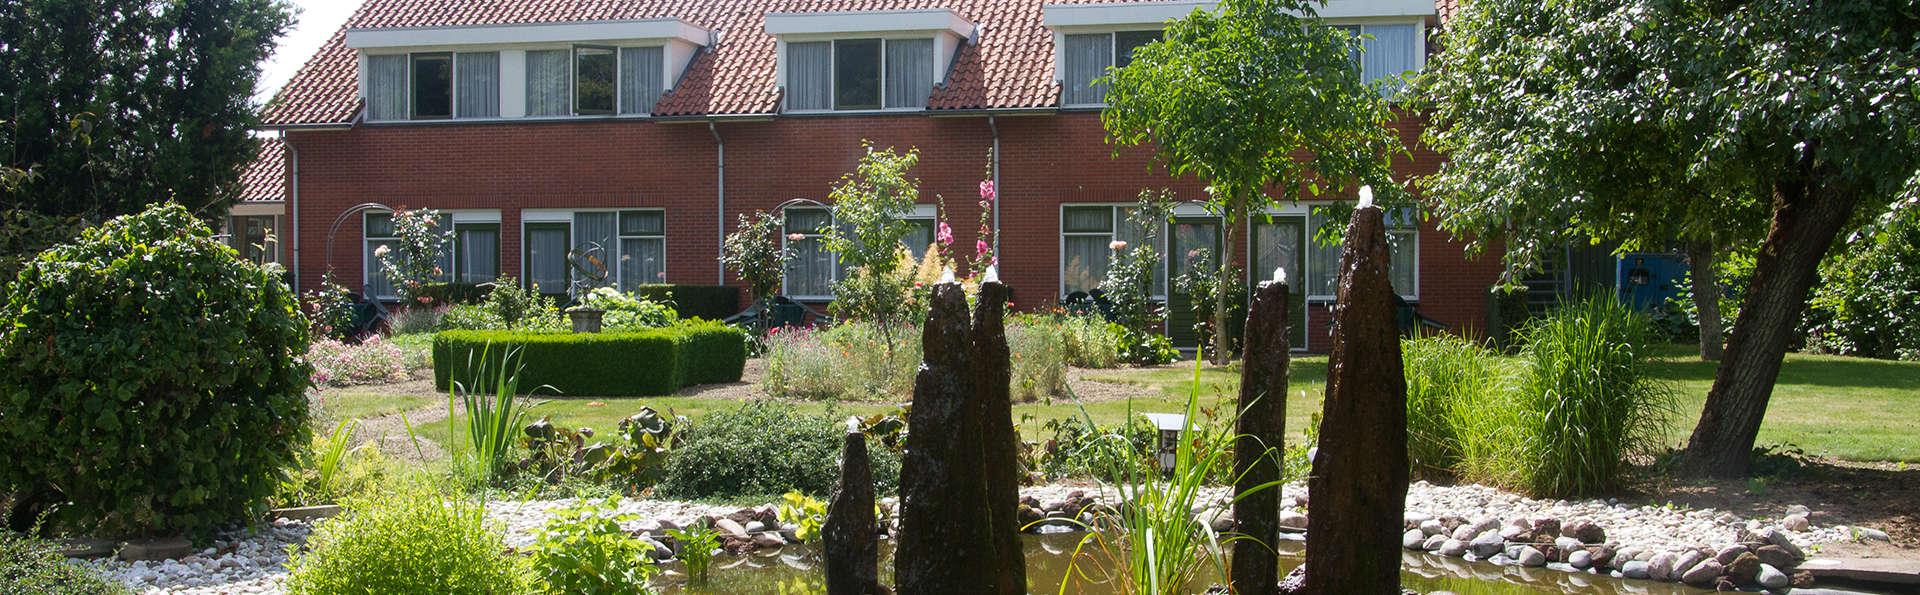 Landhotel 't Elshuys - Edit_Front2.jpg